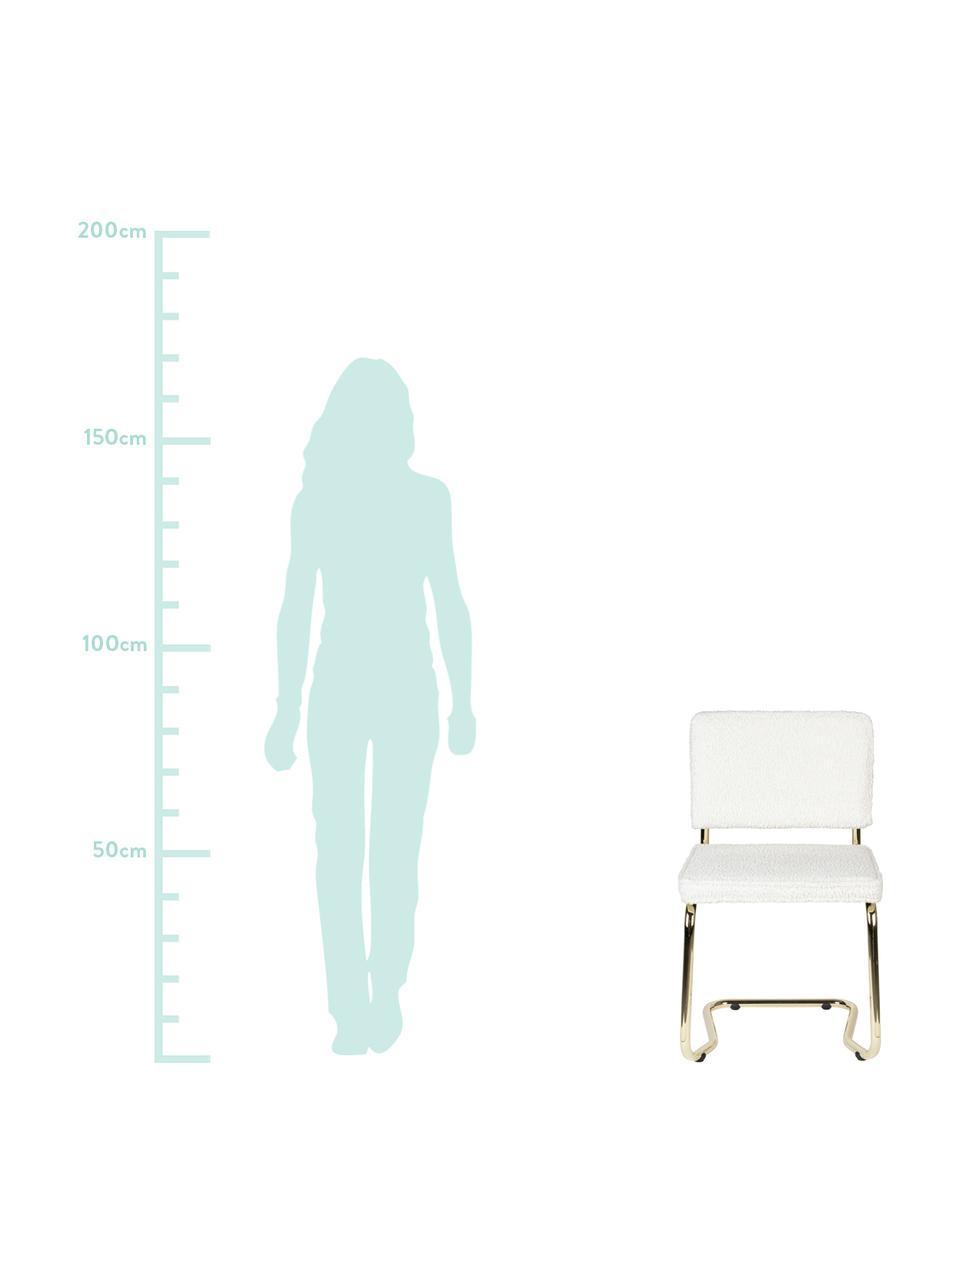 Chaise cantilever tissu peluche Kink, Blanc, couleur laitonnée